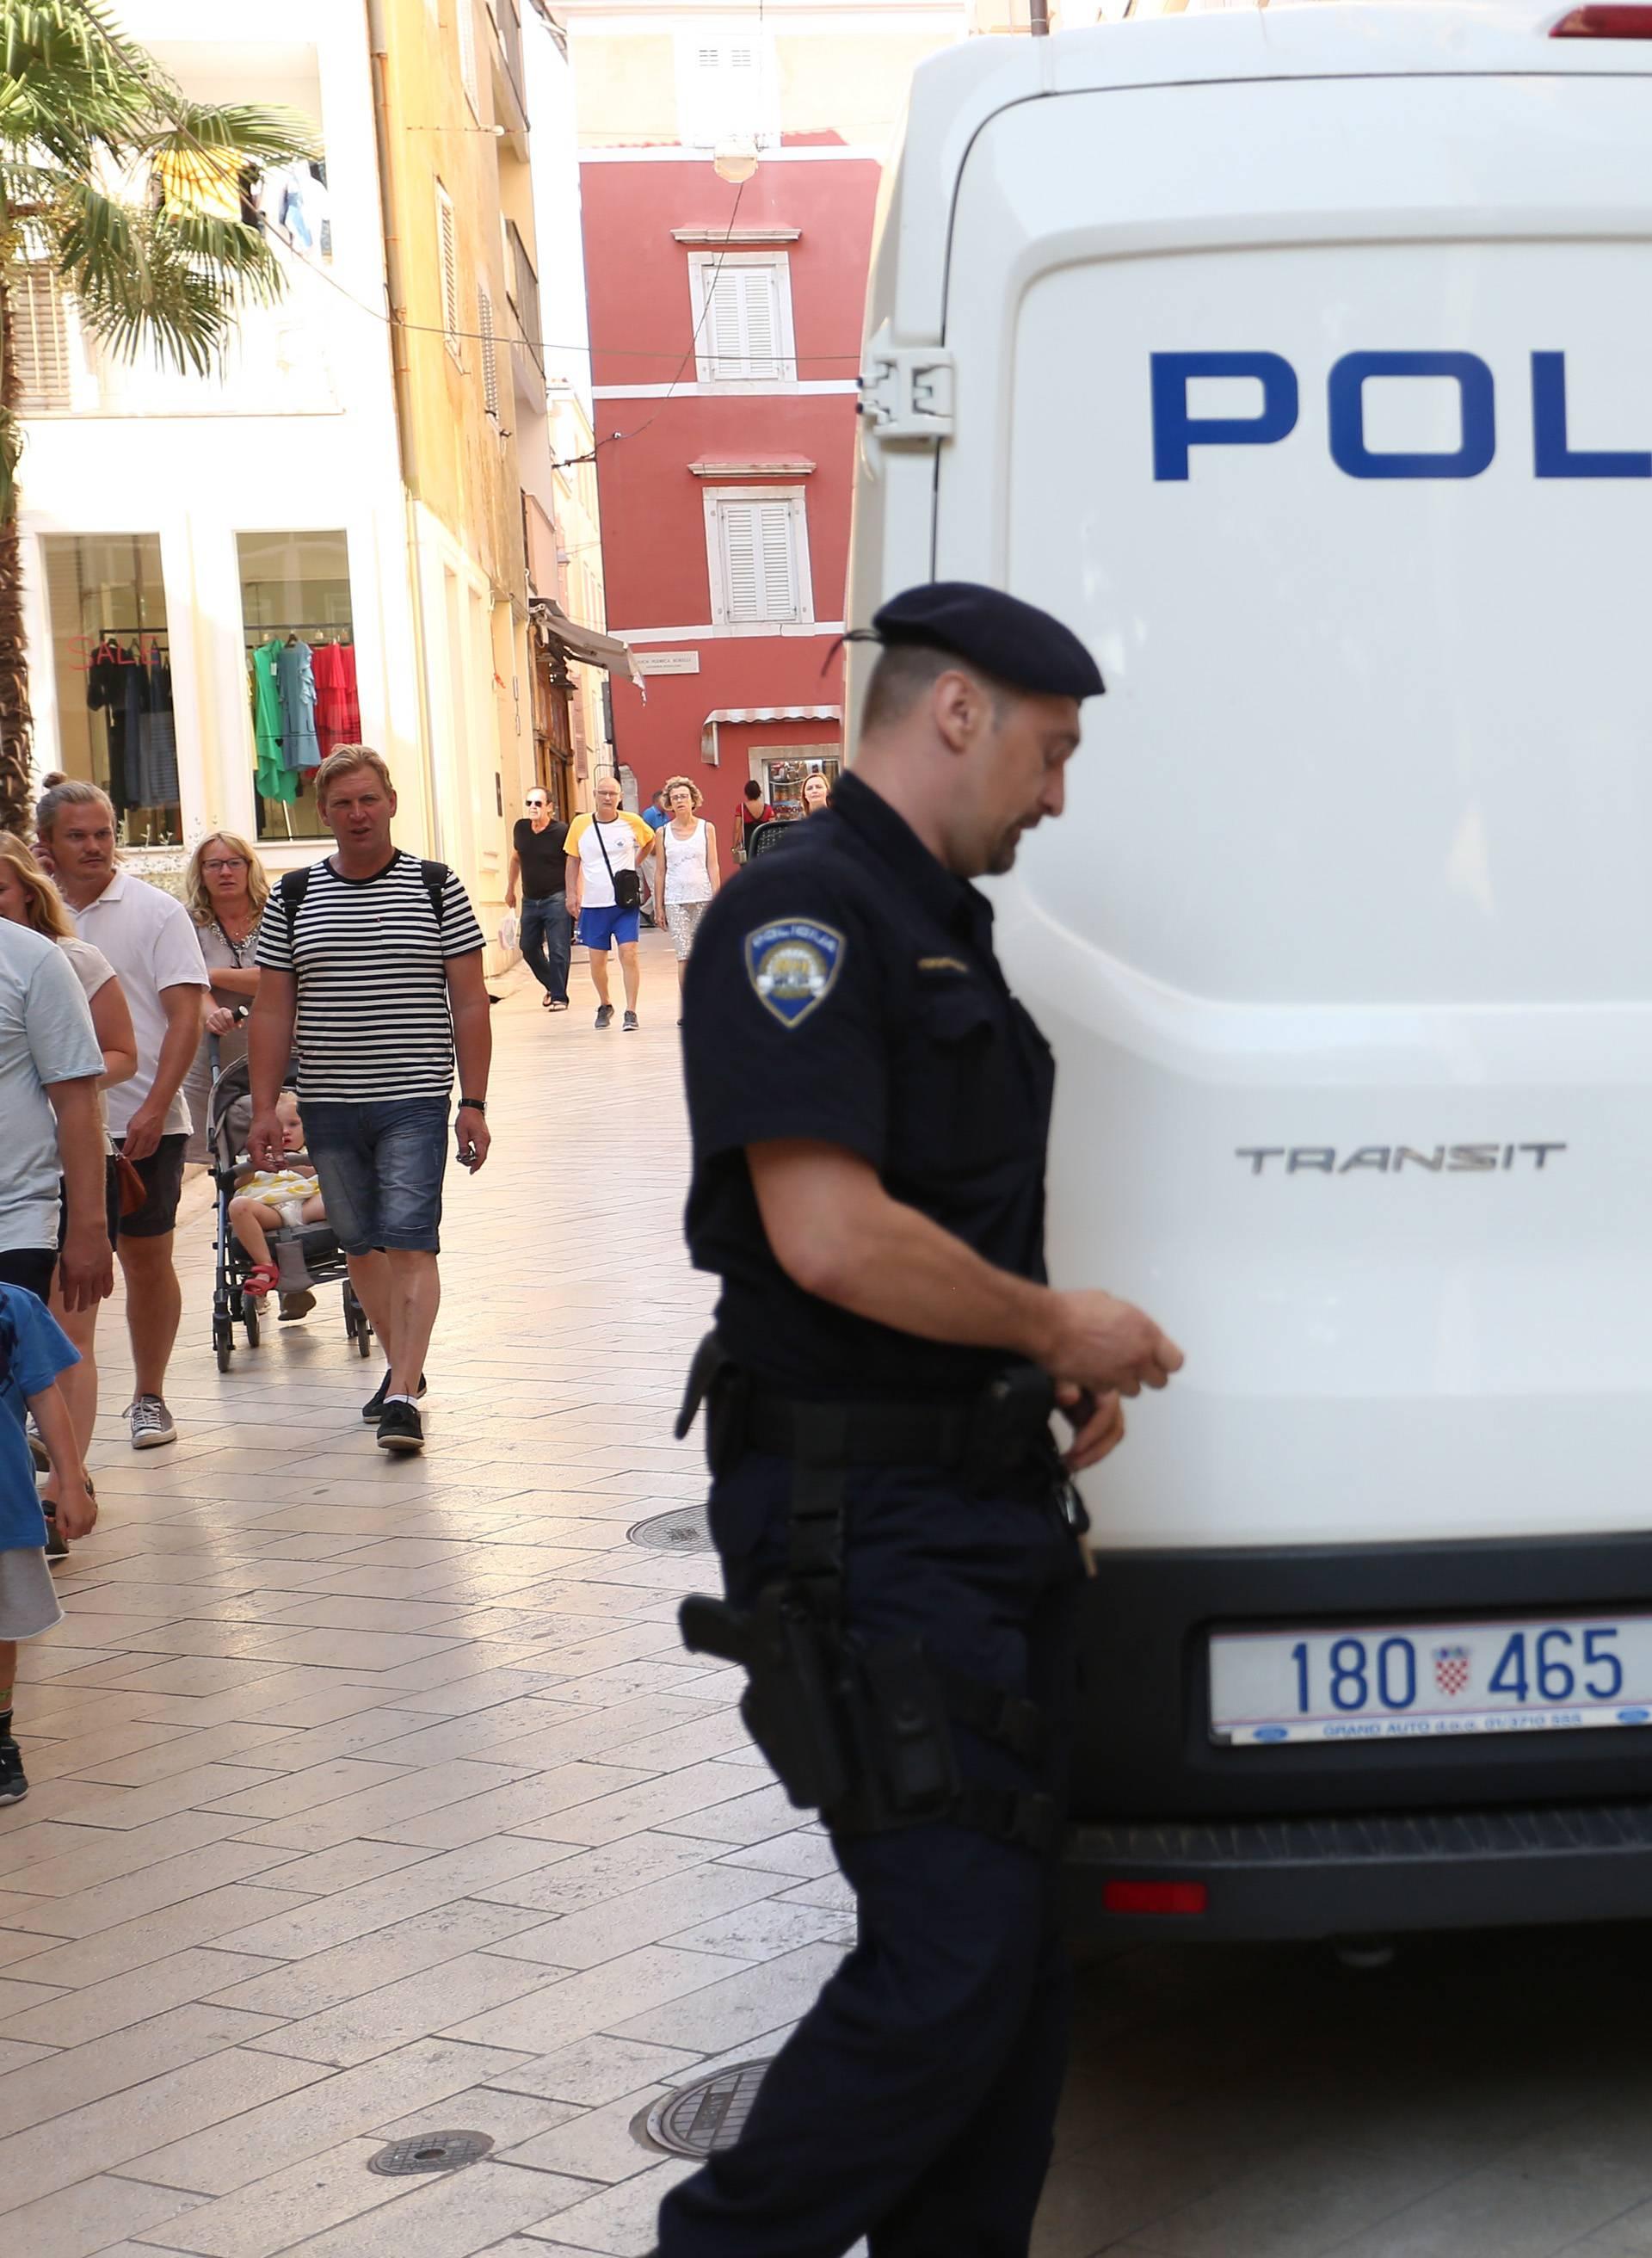 Podignuli optužnicu: Opljačkao je 12 trgovina, prijetio nožem